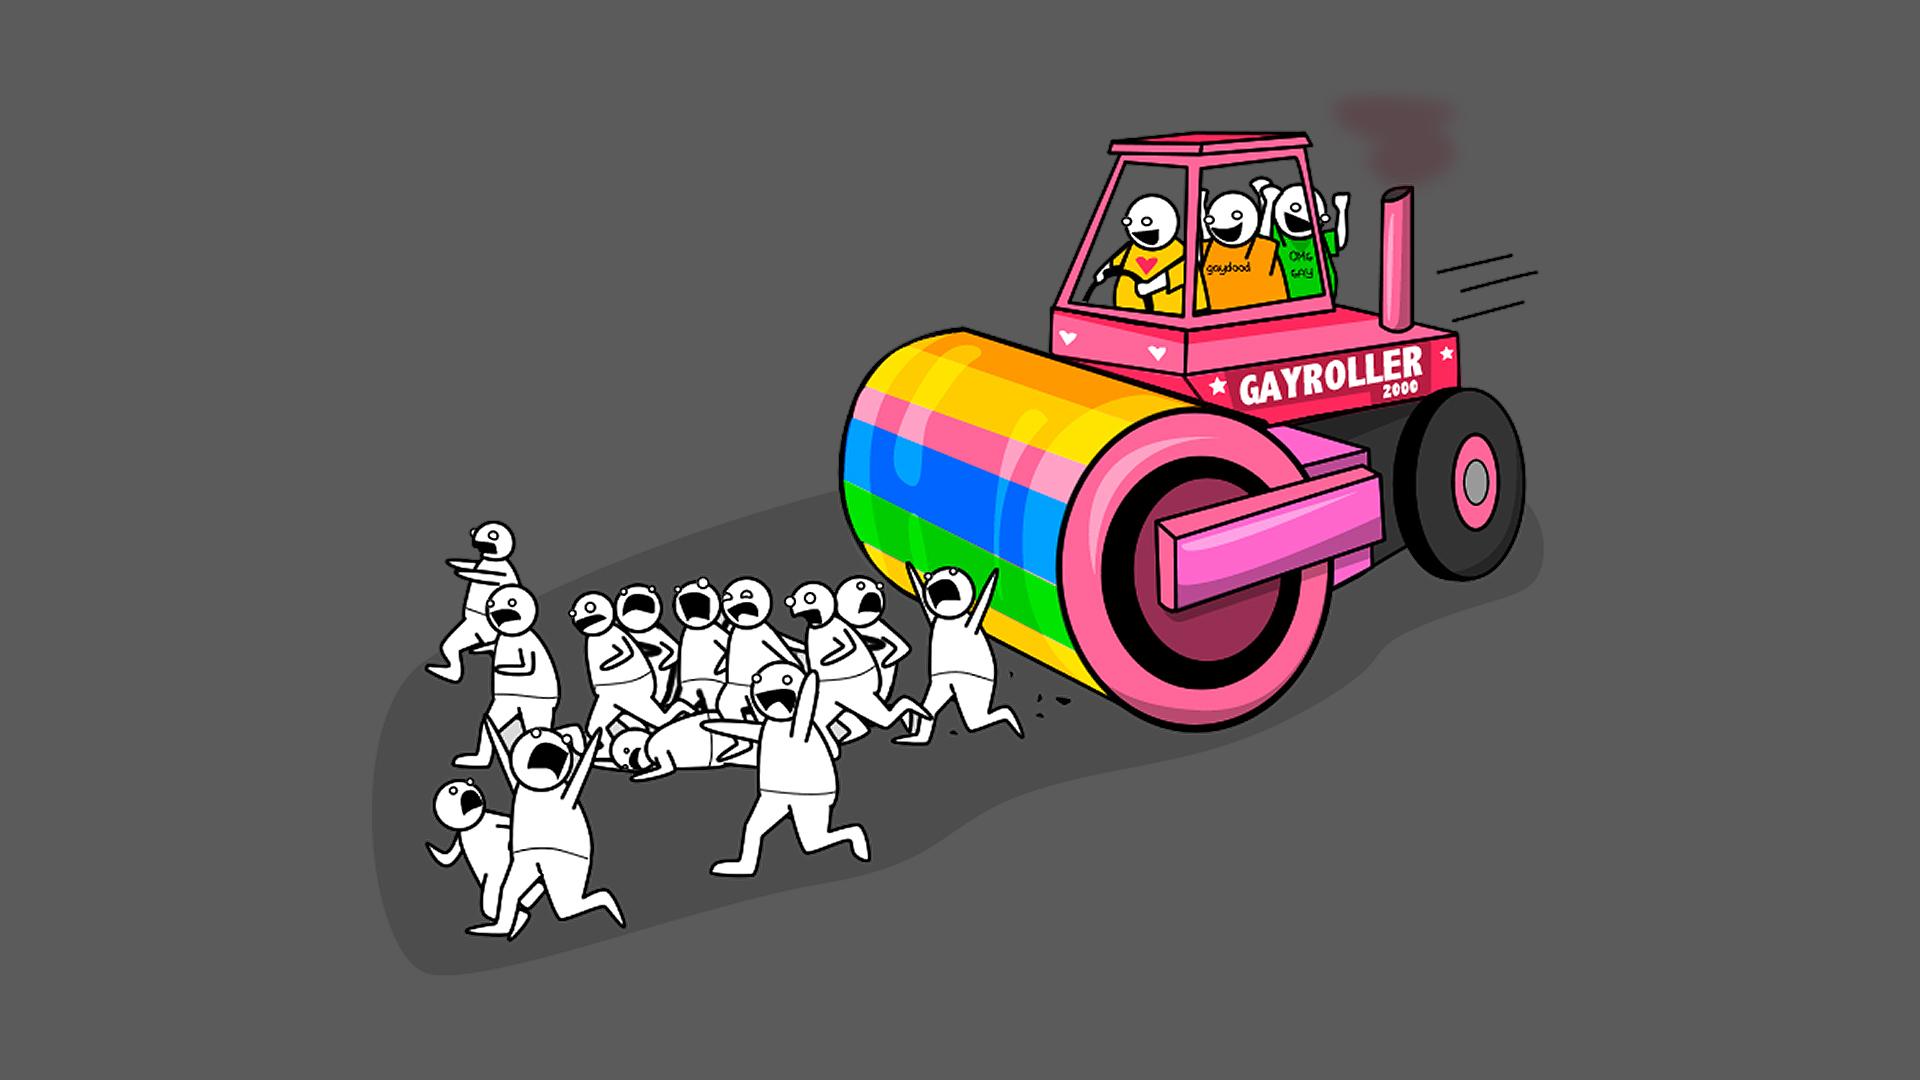 aplanadora gay